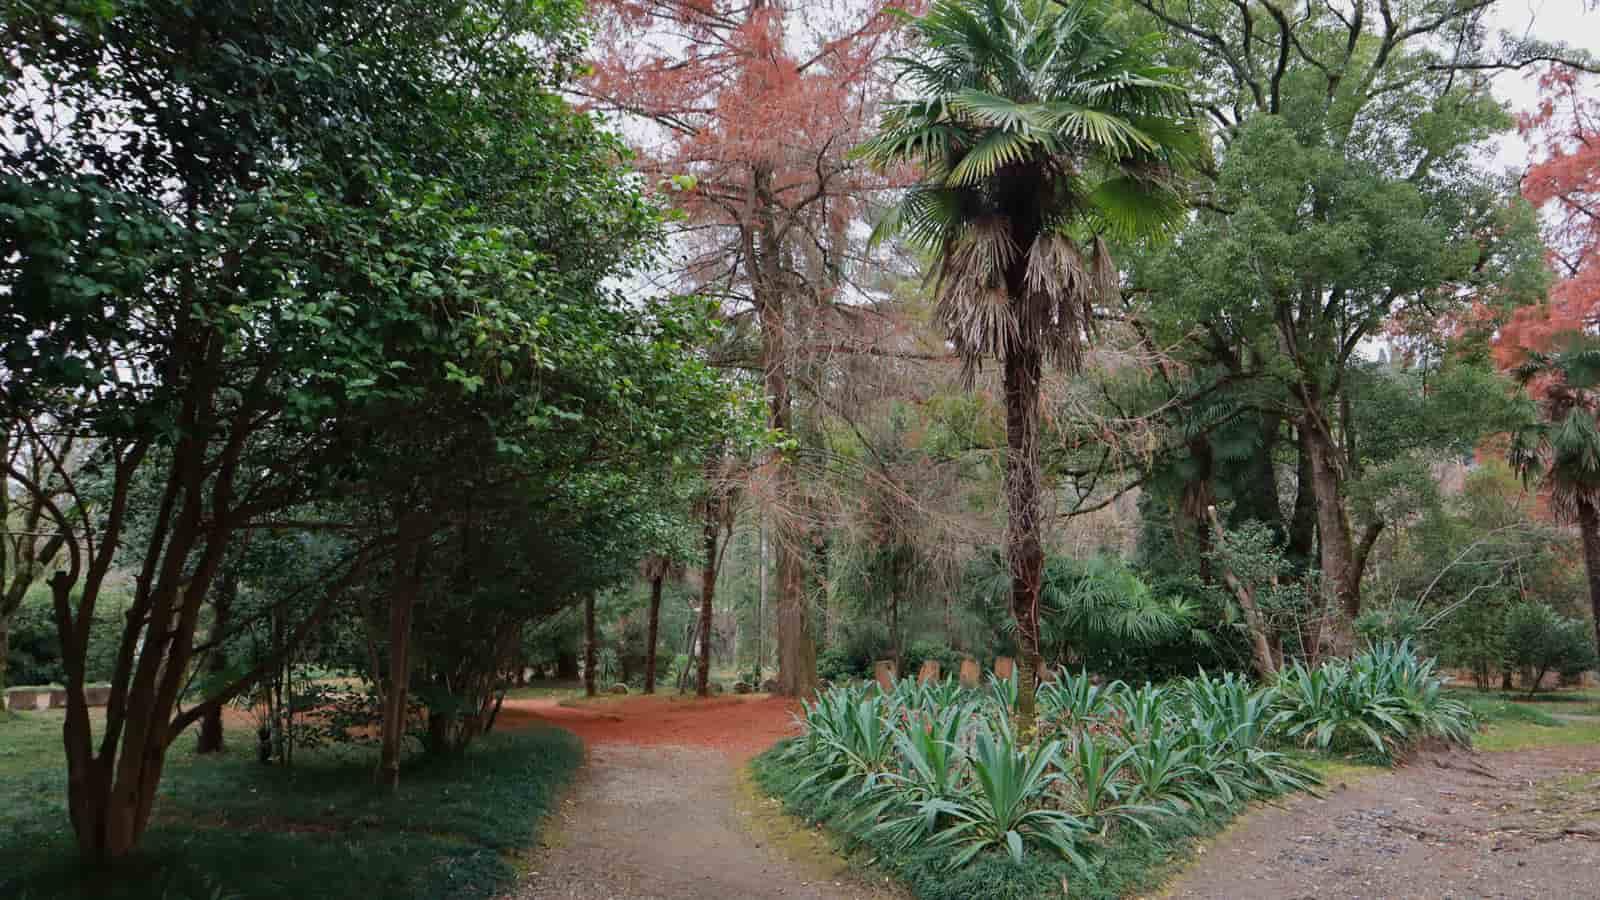 abhaziya-botanicheskiy-sad (2)